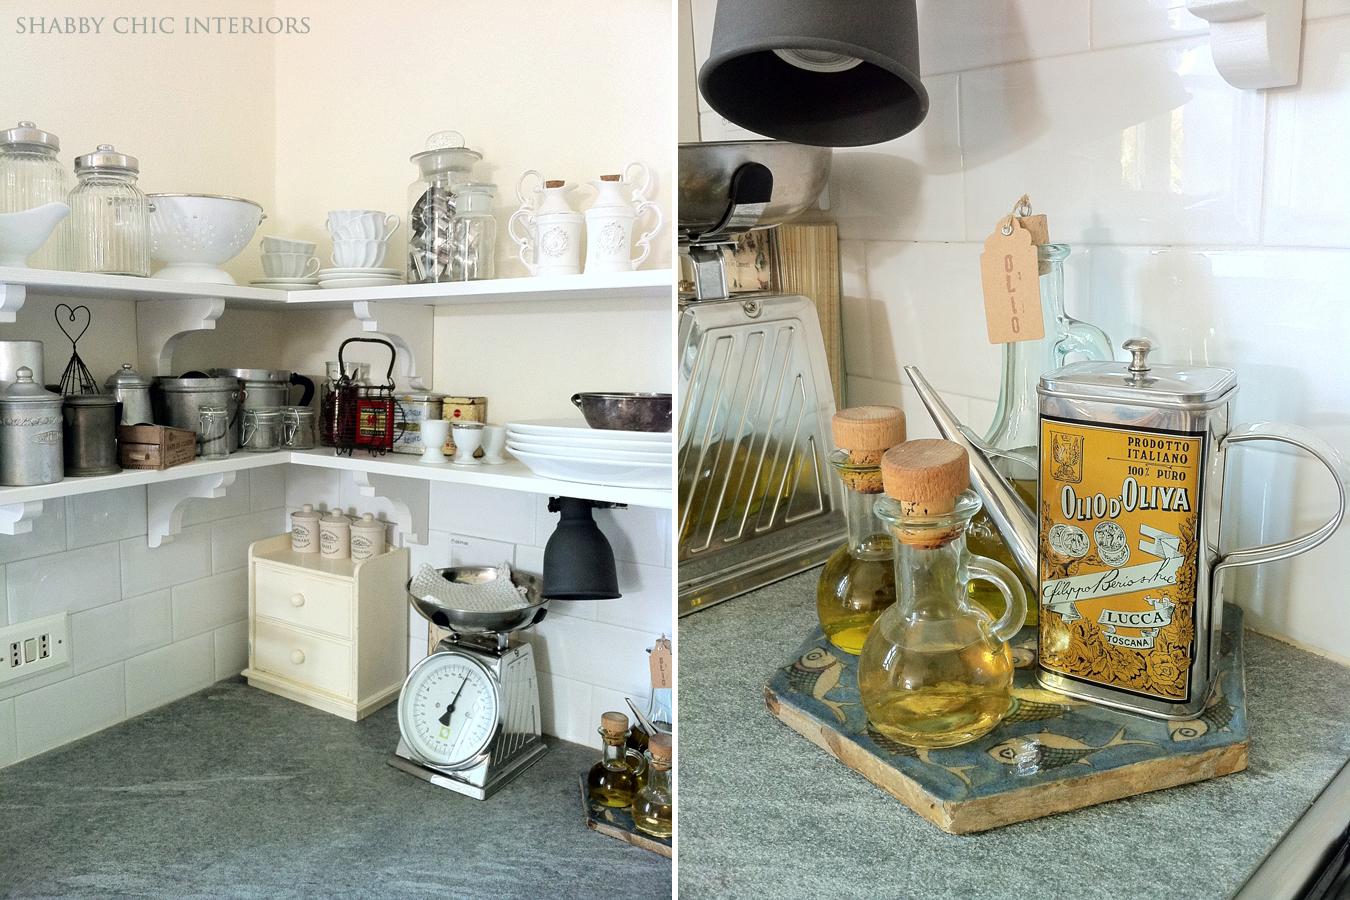 Dettagli in cucina shabby chic interiors - Mensole cucina country ...